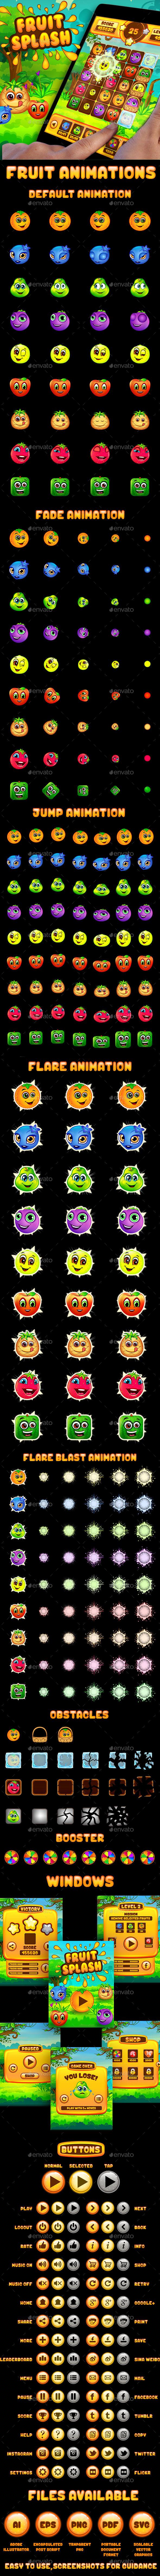 Fruit Splash: Fruit Heroes Puzzle Game UI Kit (Game Kits)